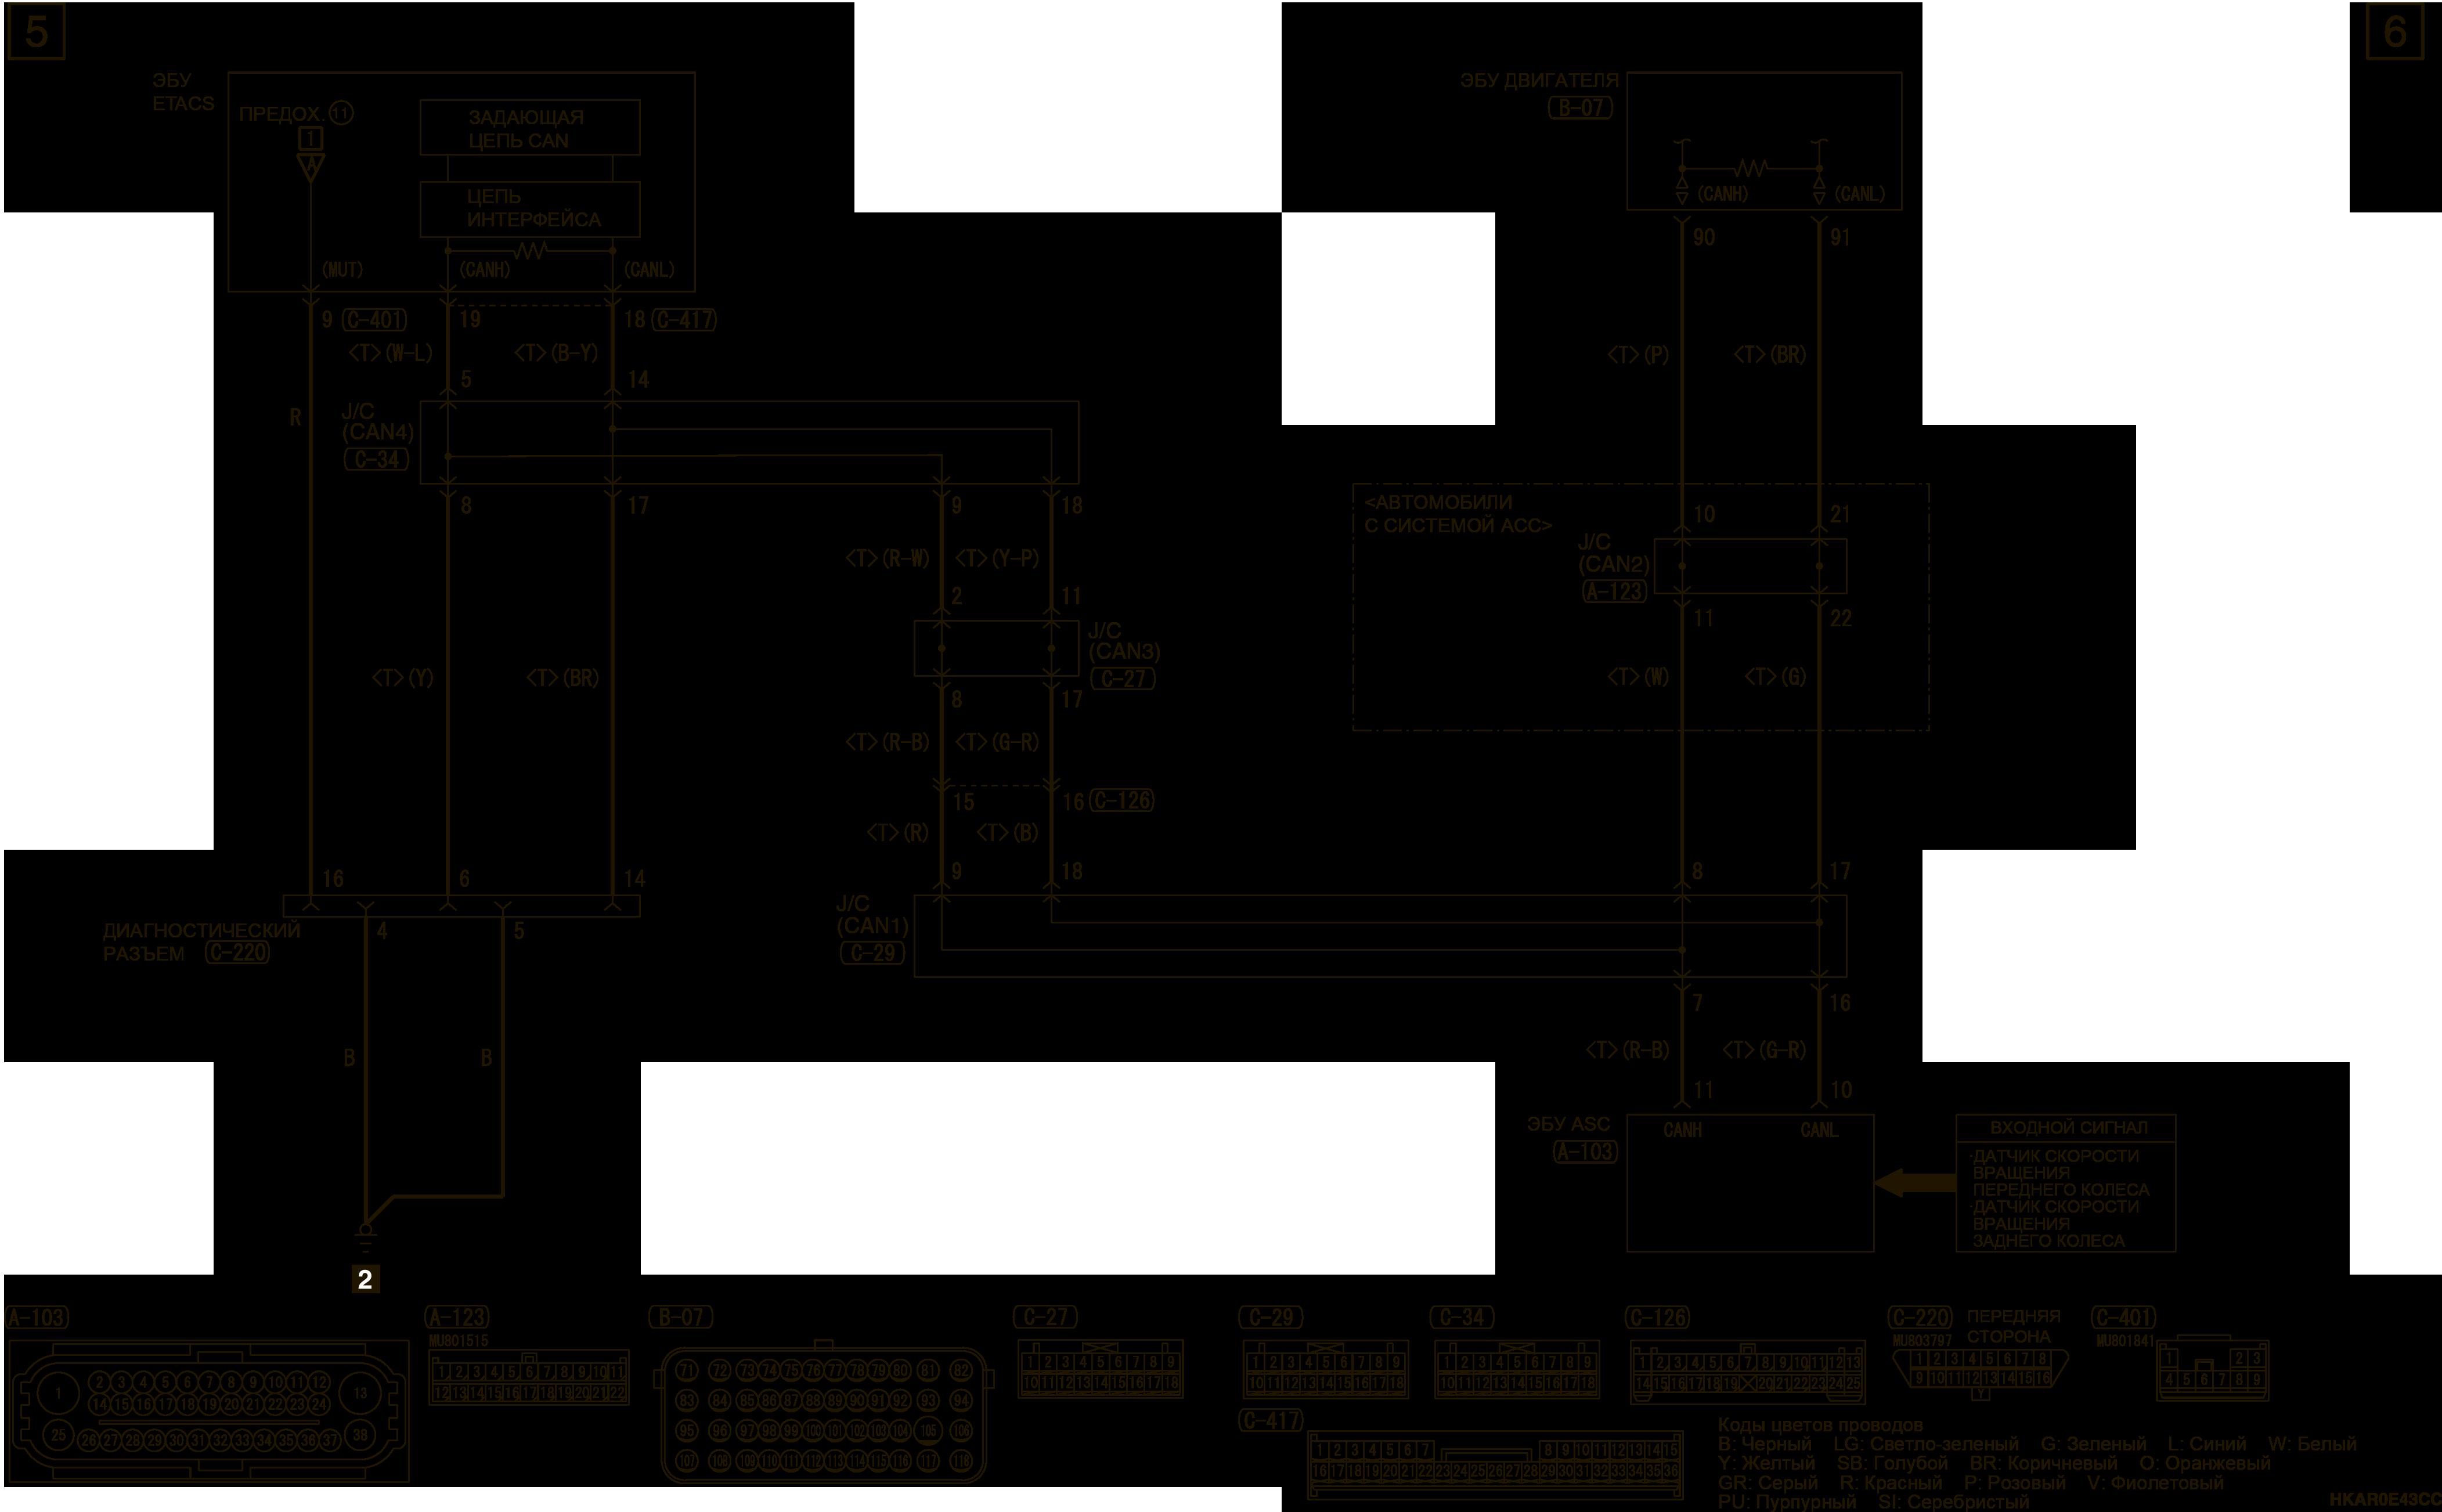 mmc аутлендер 3 2019 электросхемаСИГНАЛИЗАТОР РЕМНЯ БЕЗОПАСНОСТИ АВТОМОБИЛИ ДЛЯ ЕВРОПЫ (ПРАВОСТОРОННЕЕ УПРАВЛЕНИЕ)